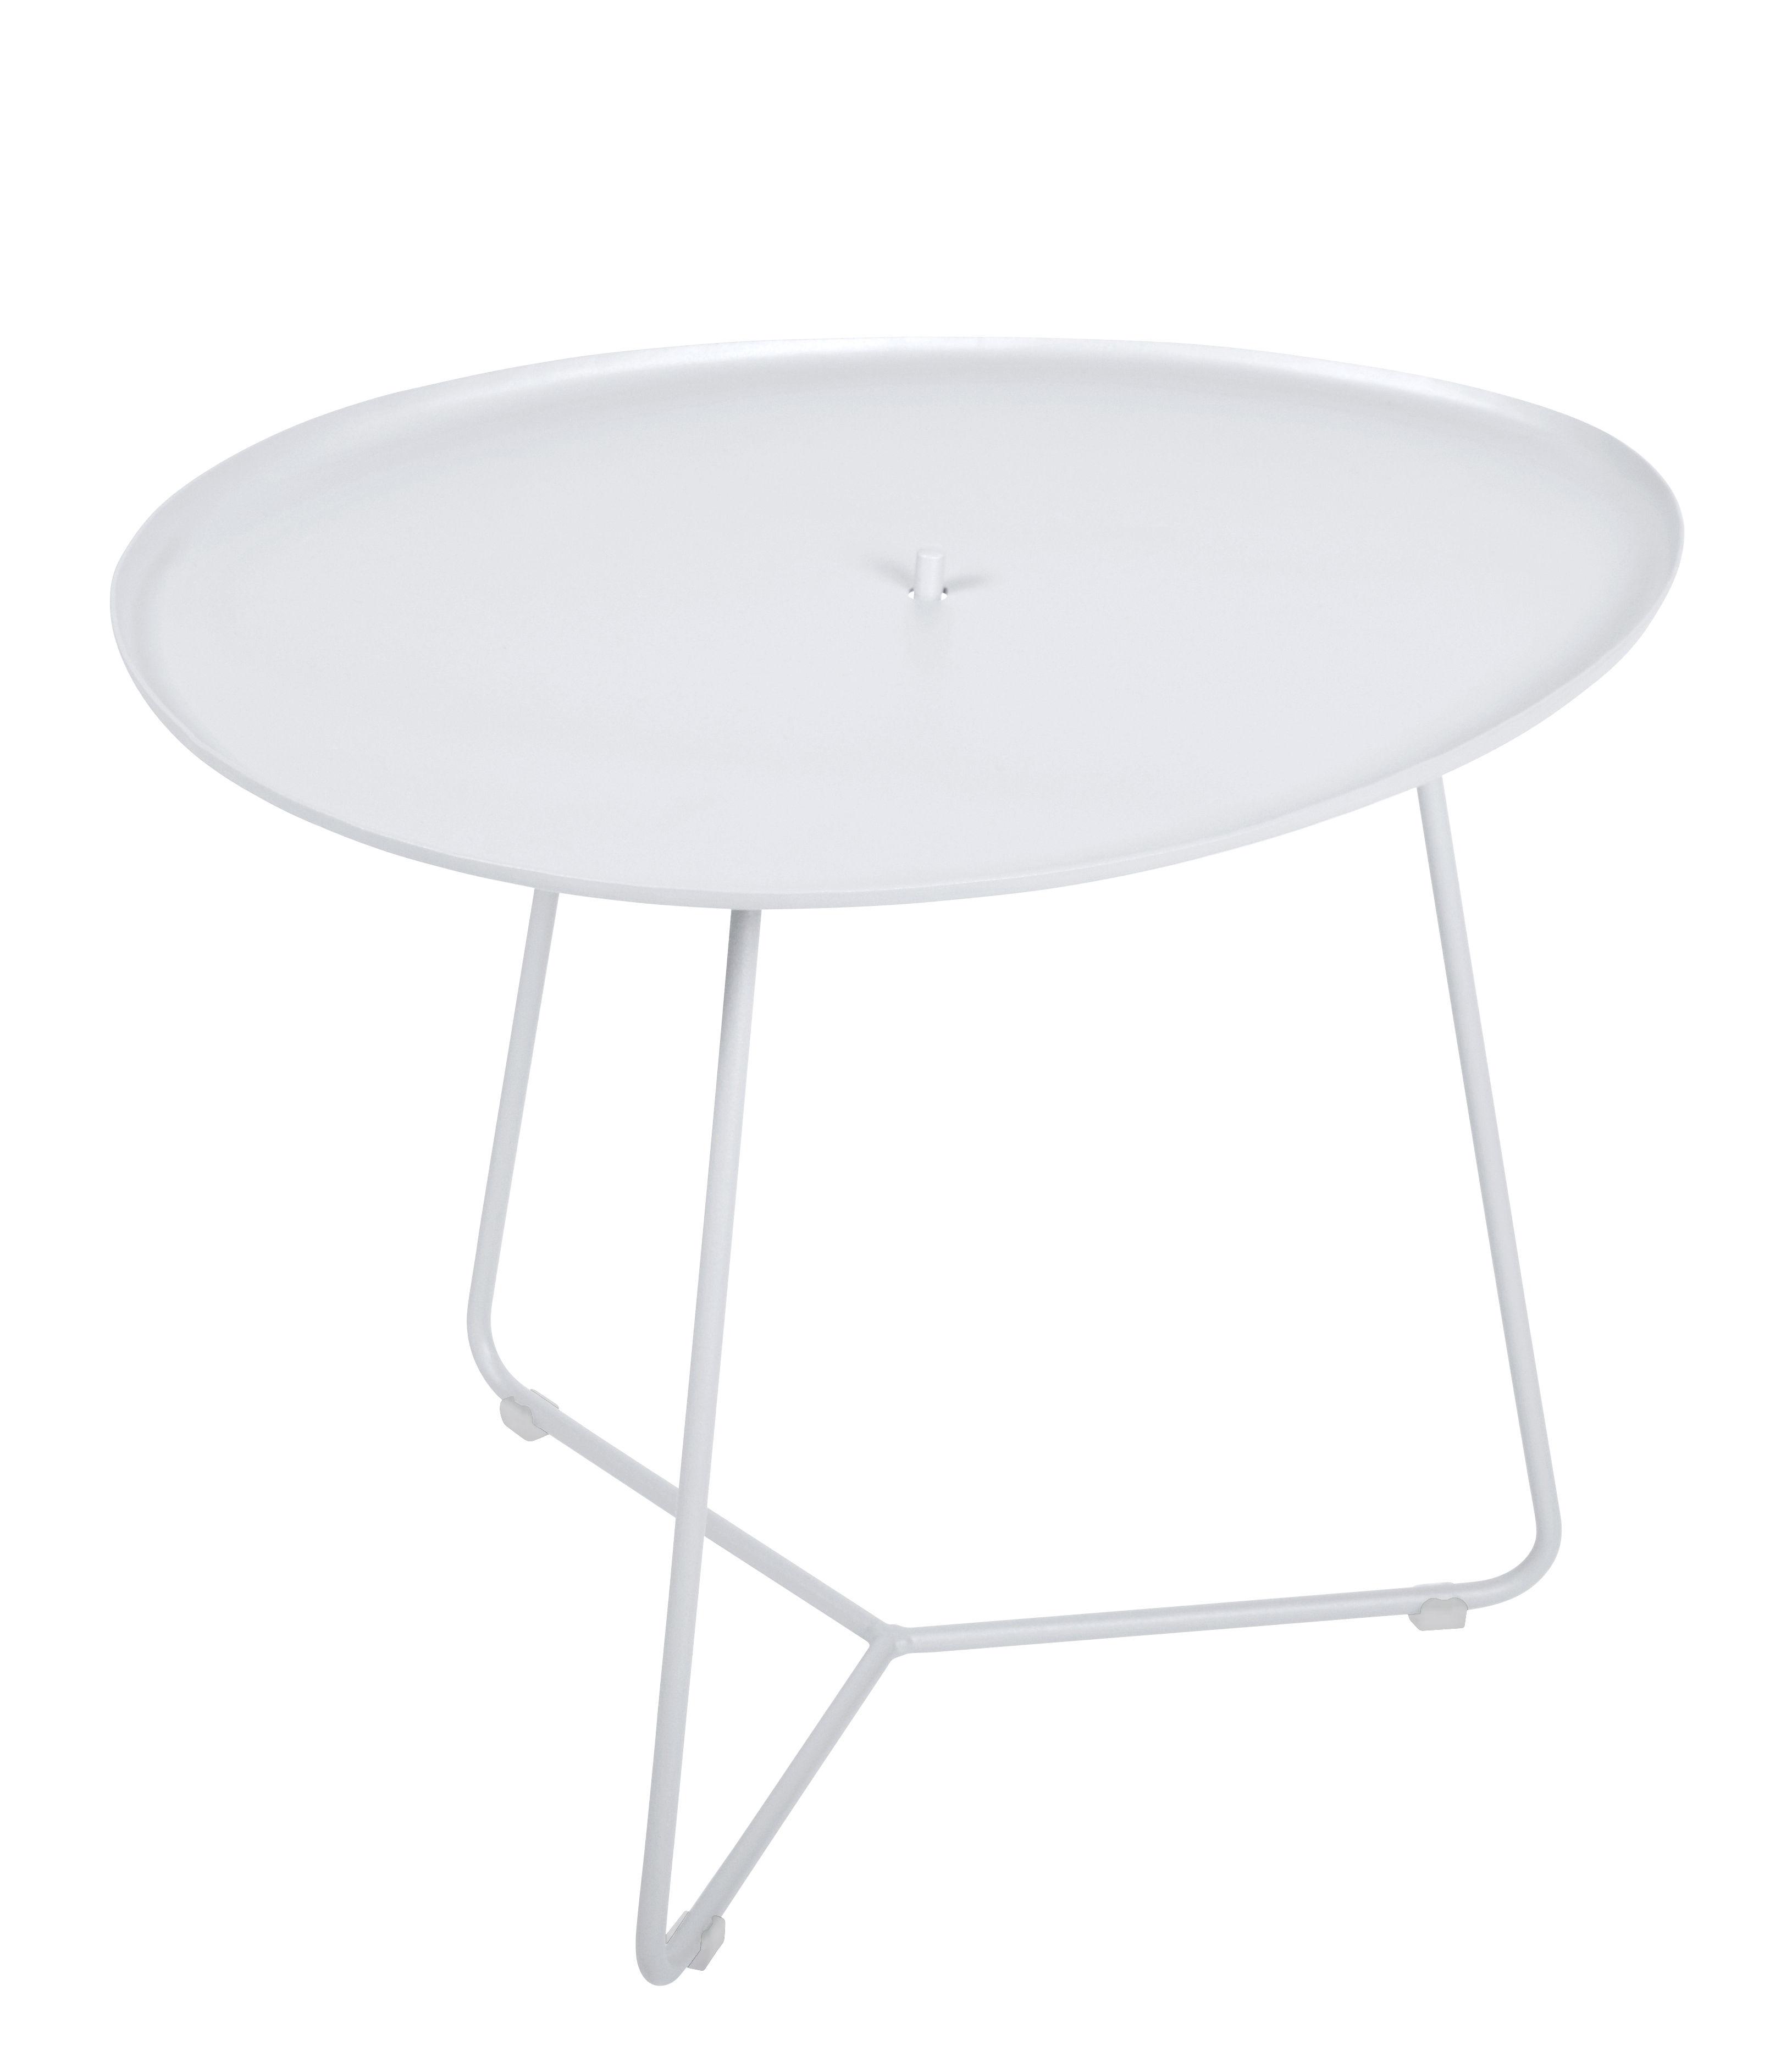 Mobilier - Tables basses - Table basse Cocotte / L 55 x H 43,5 cm - Plateau amovible - Fermob - Blanc coton - Acier peint